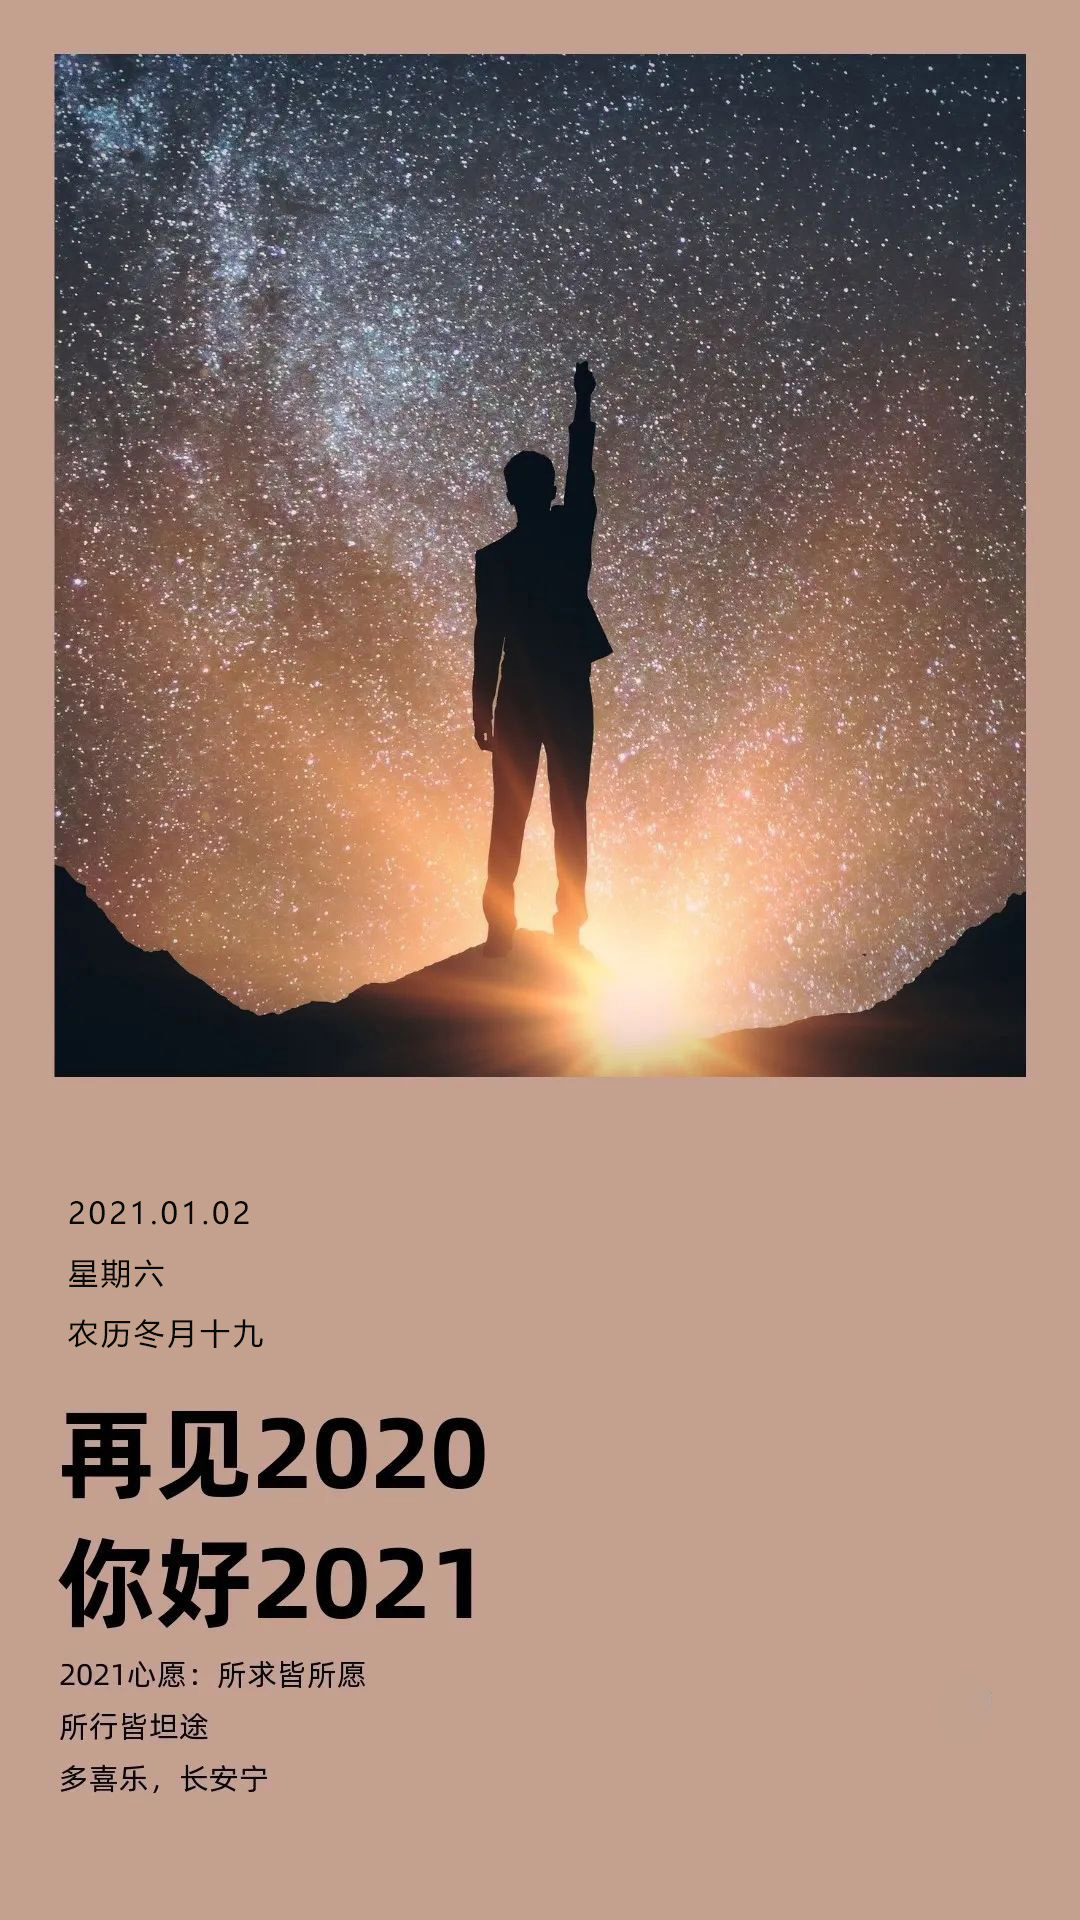 2021正能量励志早安图片心语句子,1月早上好日签问候语录